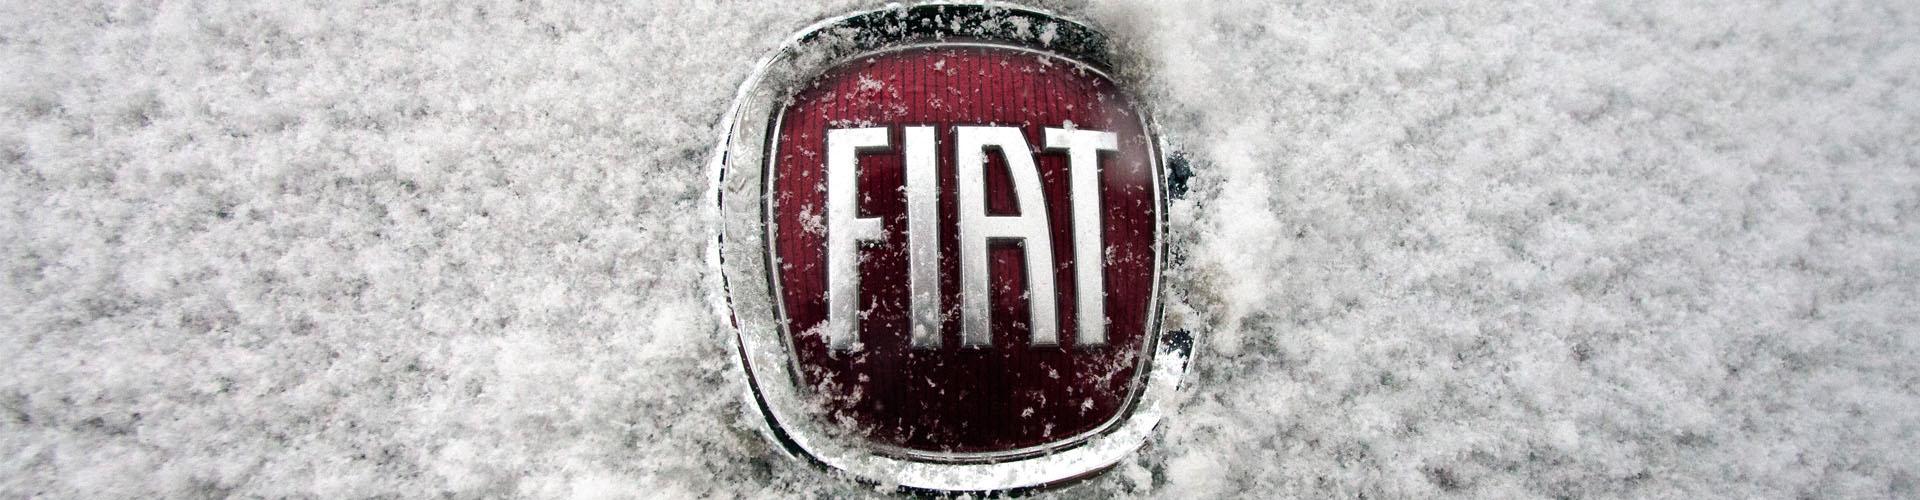 Sneeuwkettingen voor Fiat